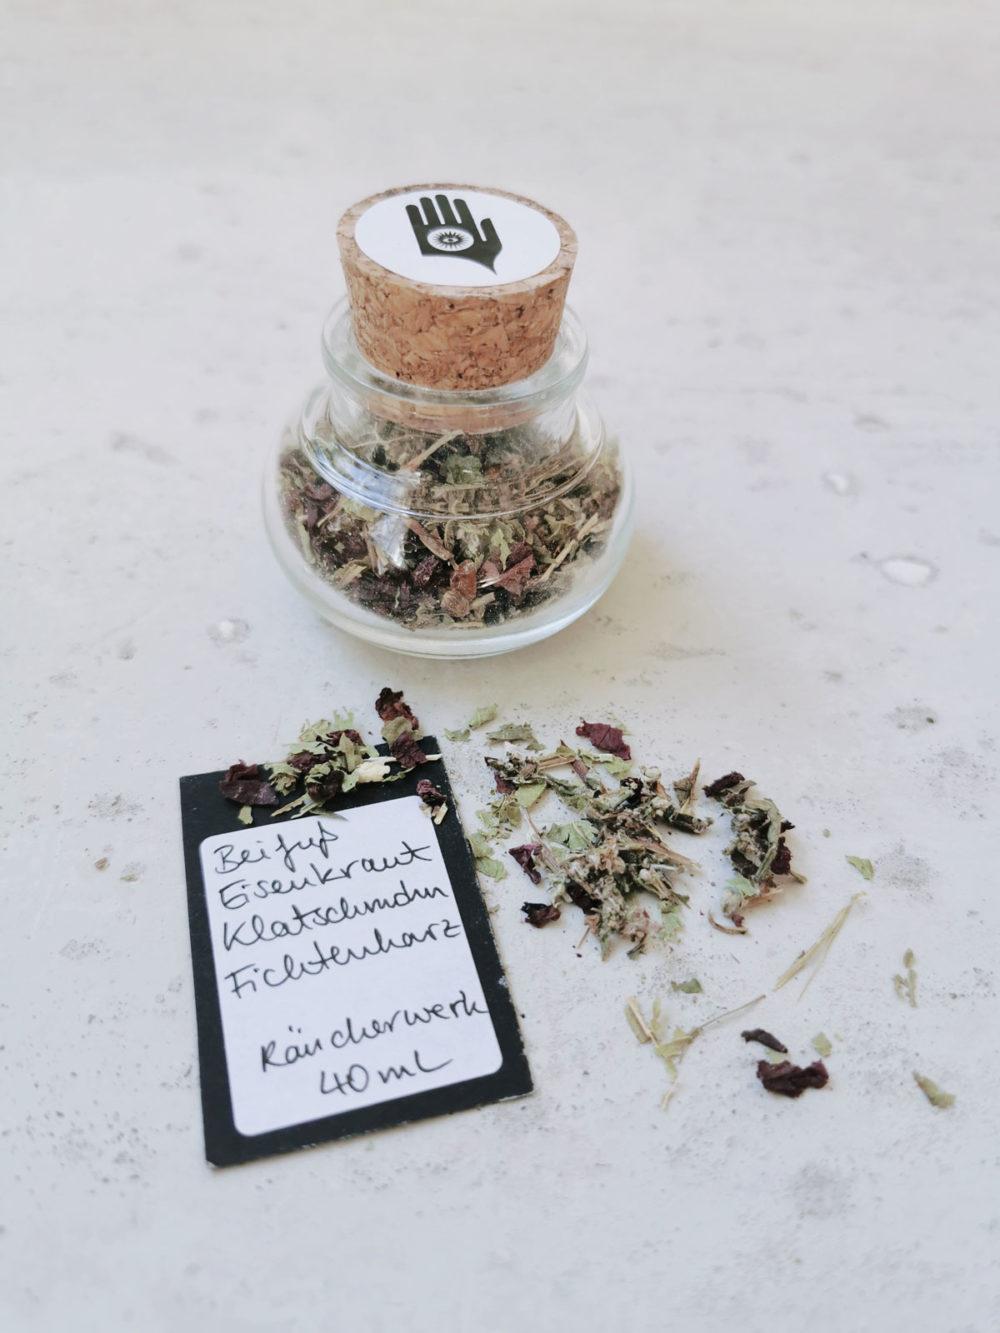 COSMIC LOVE holy smoke // crystal magic set mit Räucherwerk aus Beifuß, Eisenkraut, Klatschmohn und Fichtenherz. NAIONA.